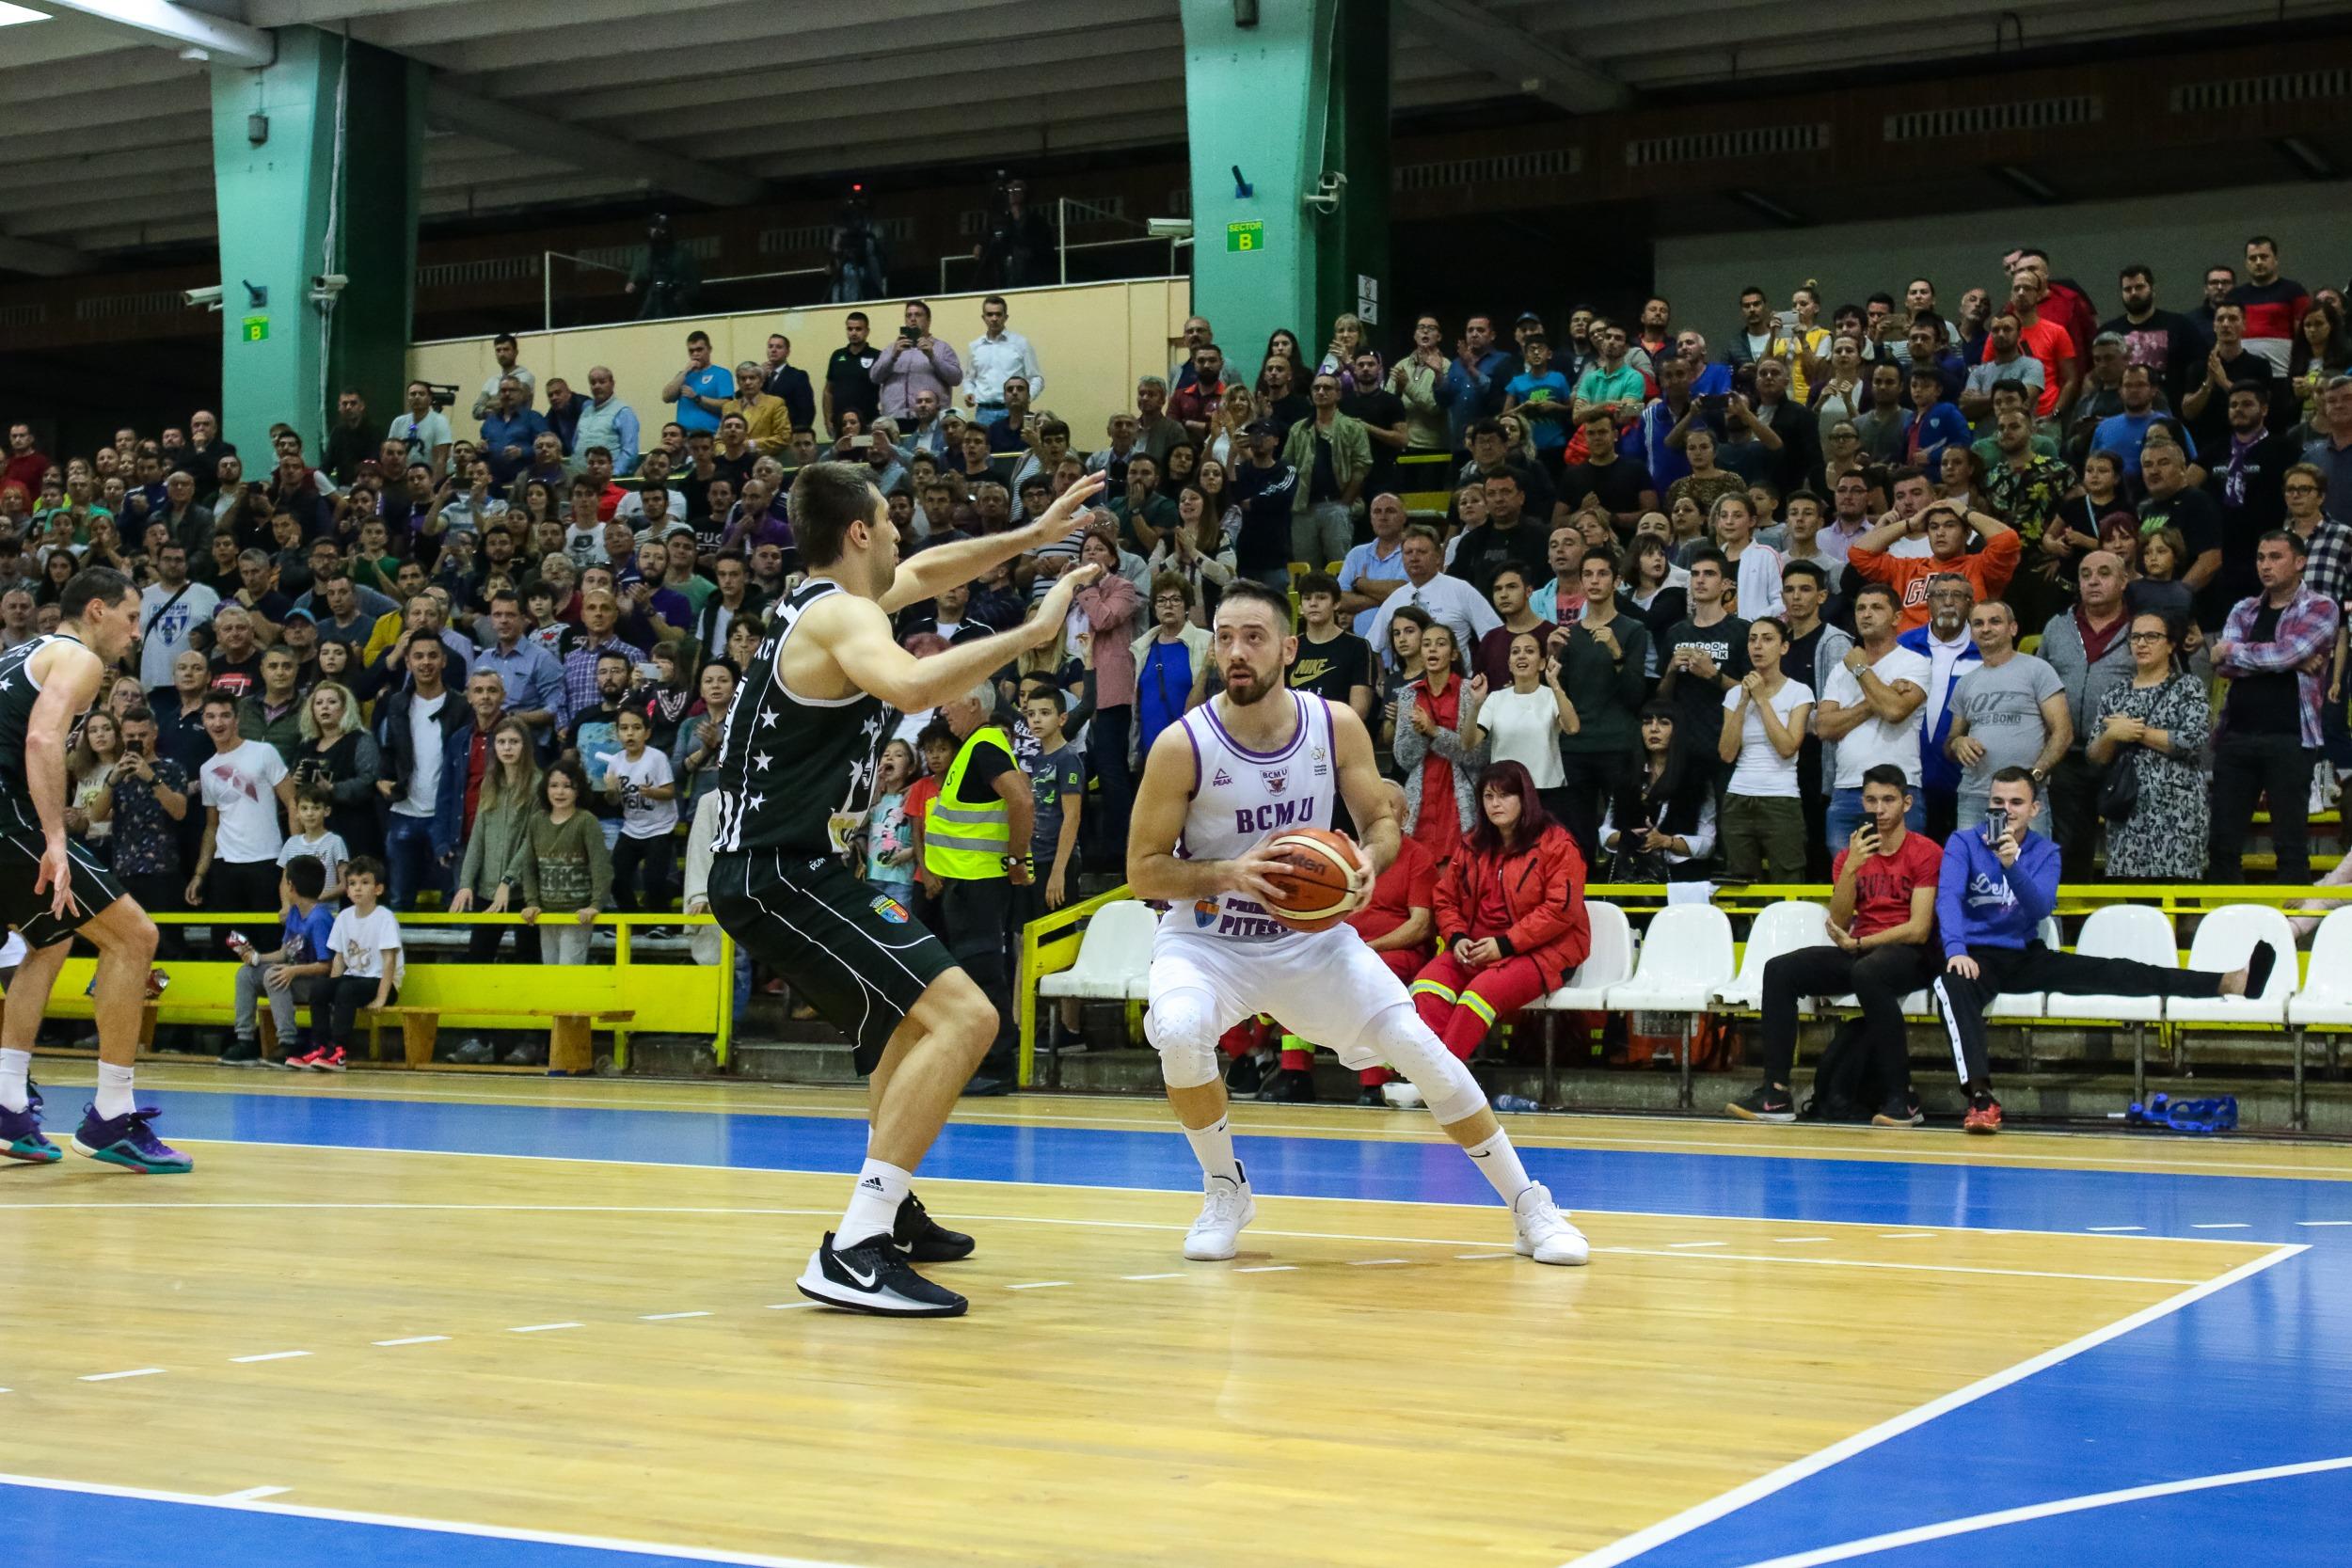 BCM U Pitești și FC Argeș Volei joacă sâmbătă pe teren propriu. Hai și tu la sală!